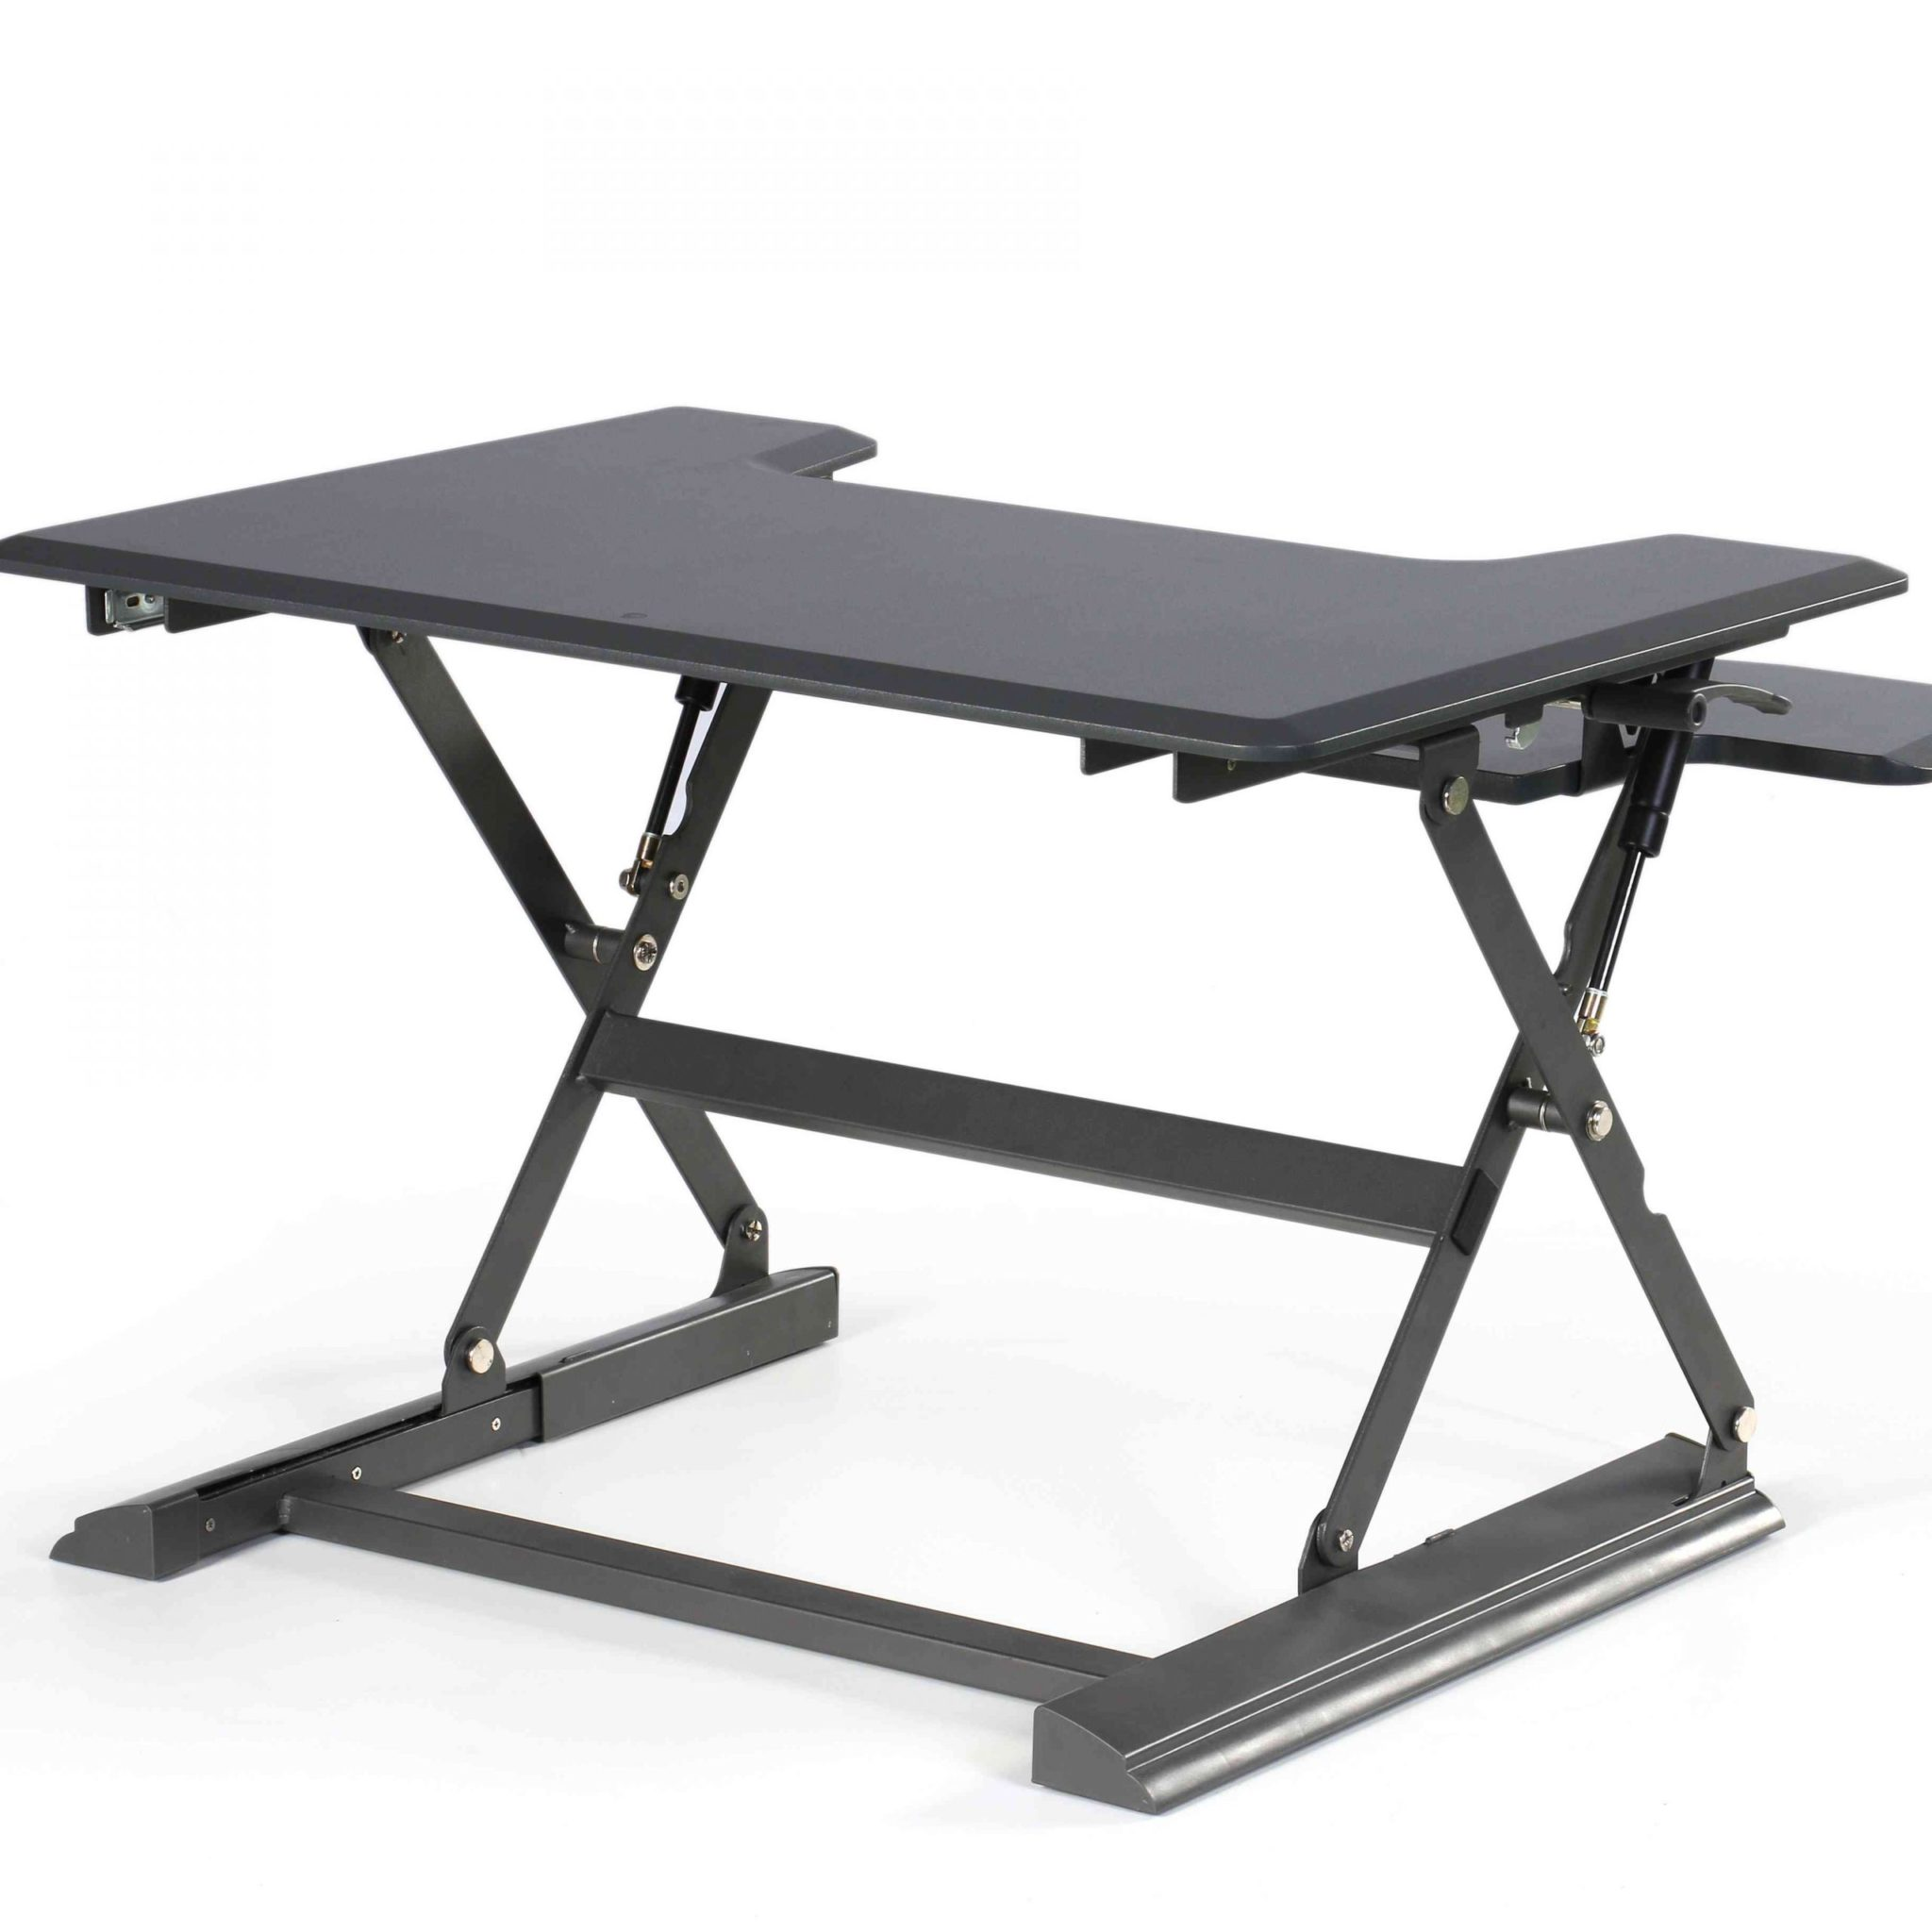 עמדת מחשב עמידה/ישיבה מתכווננת ארגונומית דגם  UP36 תוצרת CASIII  | לבן \ שחור